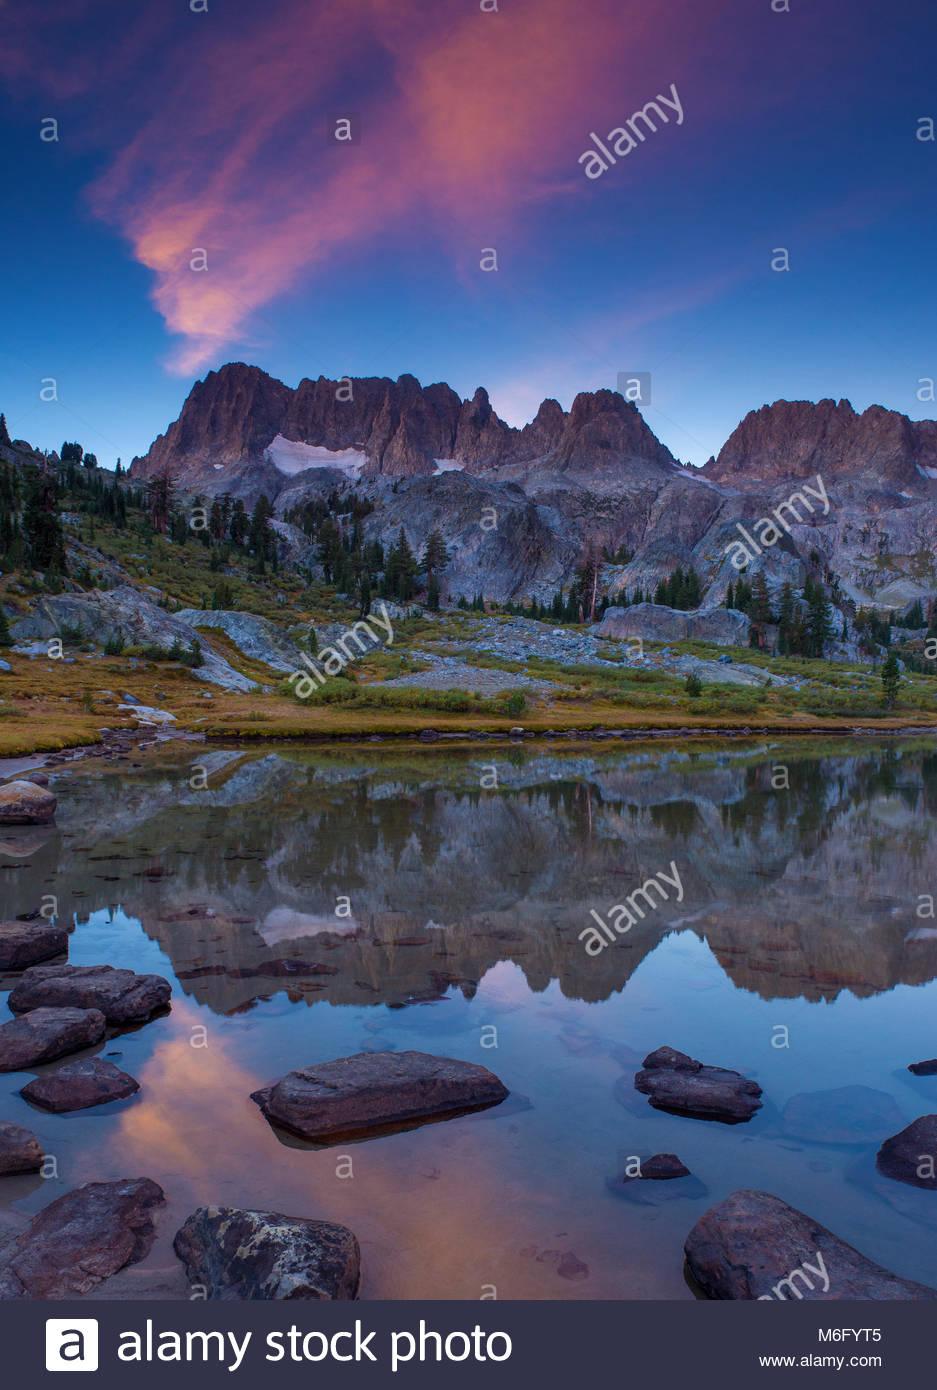 Sunrise, Ediza See, Ansel Adams Wilderness, Inyo National Forest, östlichen Sierra, Kalifornien Stockbild